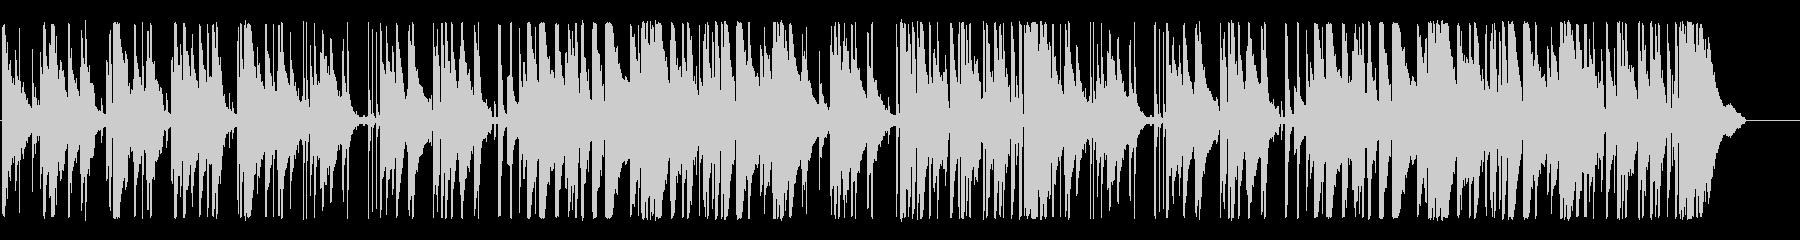 Jazz Pianoの未再生の波形